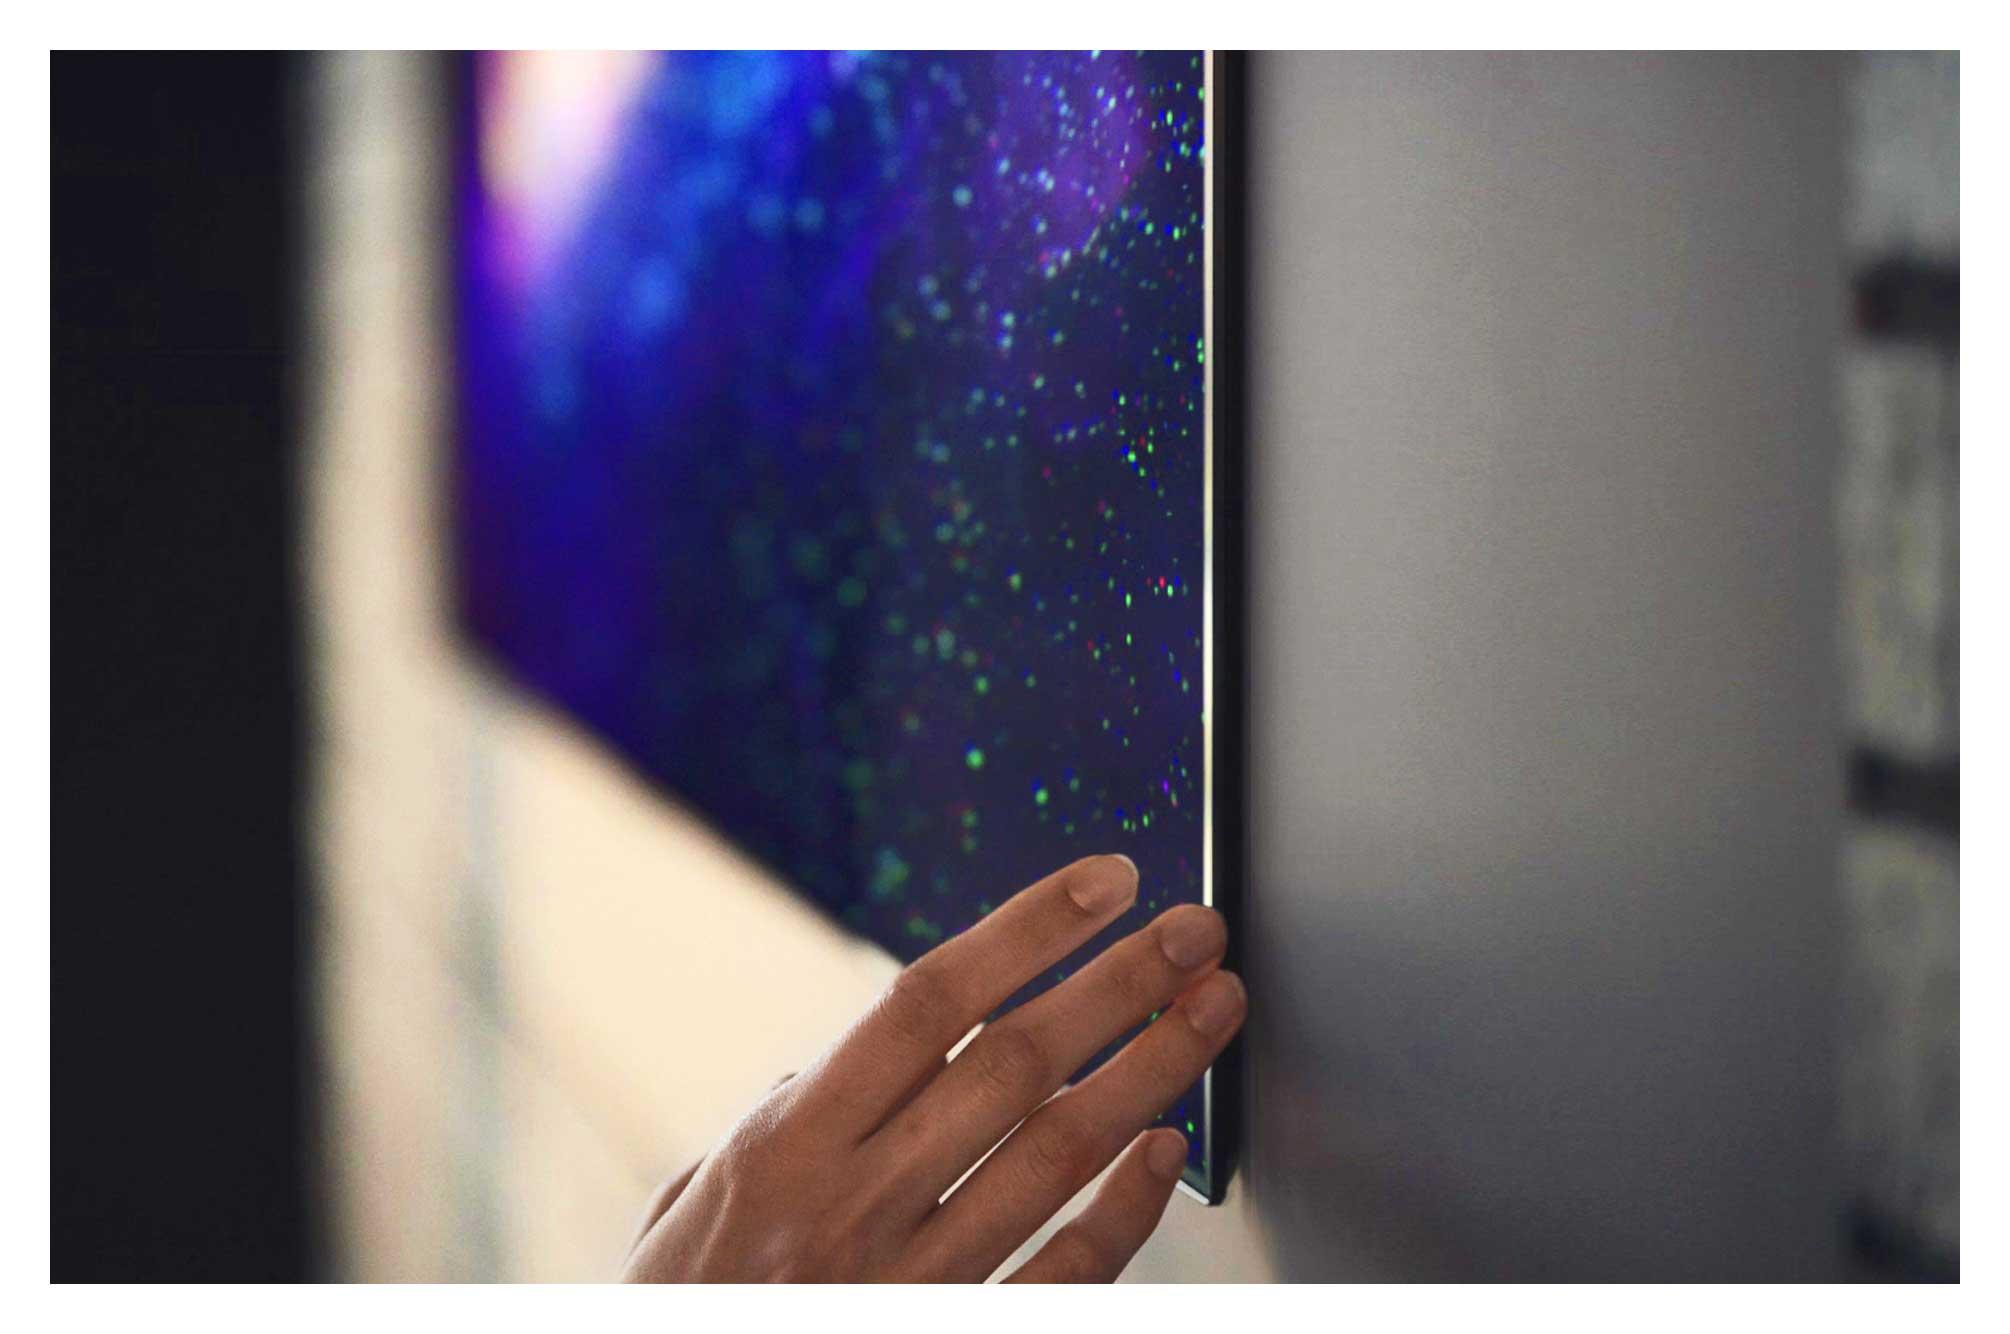 LG Y20 OLED Gallery GX 08 - LG OLED GX Gallery OLED